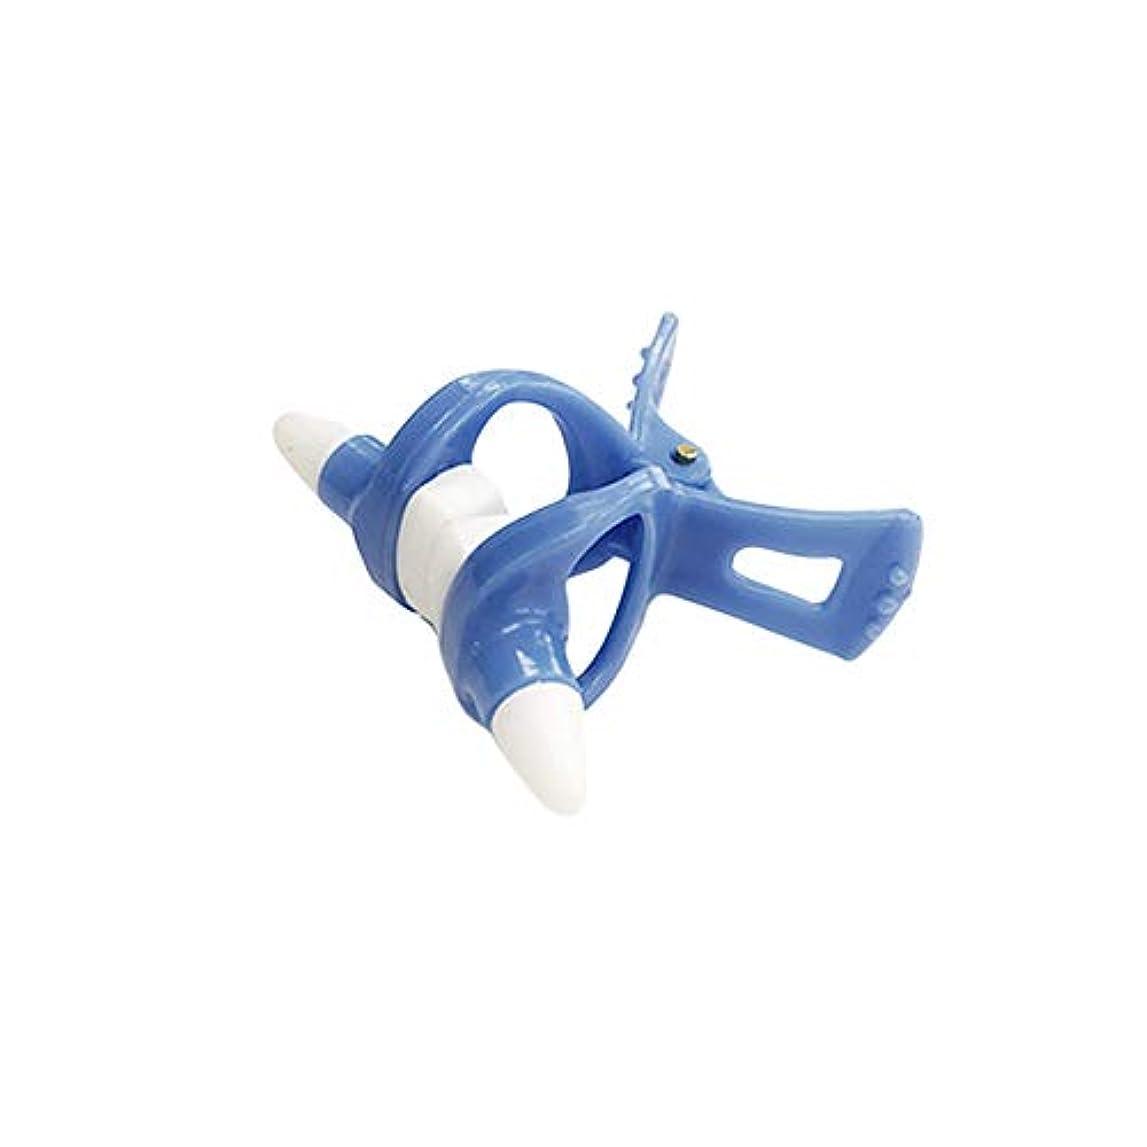 効果的にワームジャンプ[jolifavori]鼻を高くするための矯正クリップ 鼻高々ノーズアップ 美容グッズ